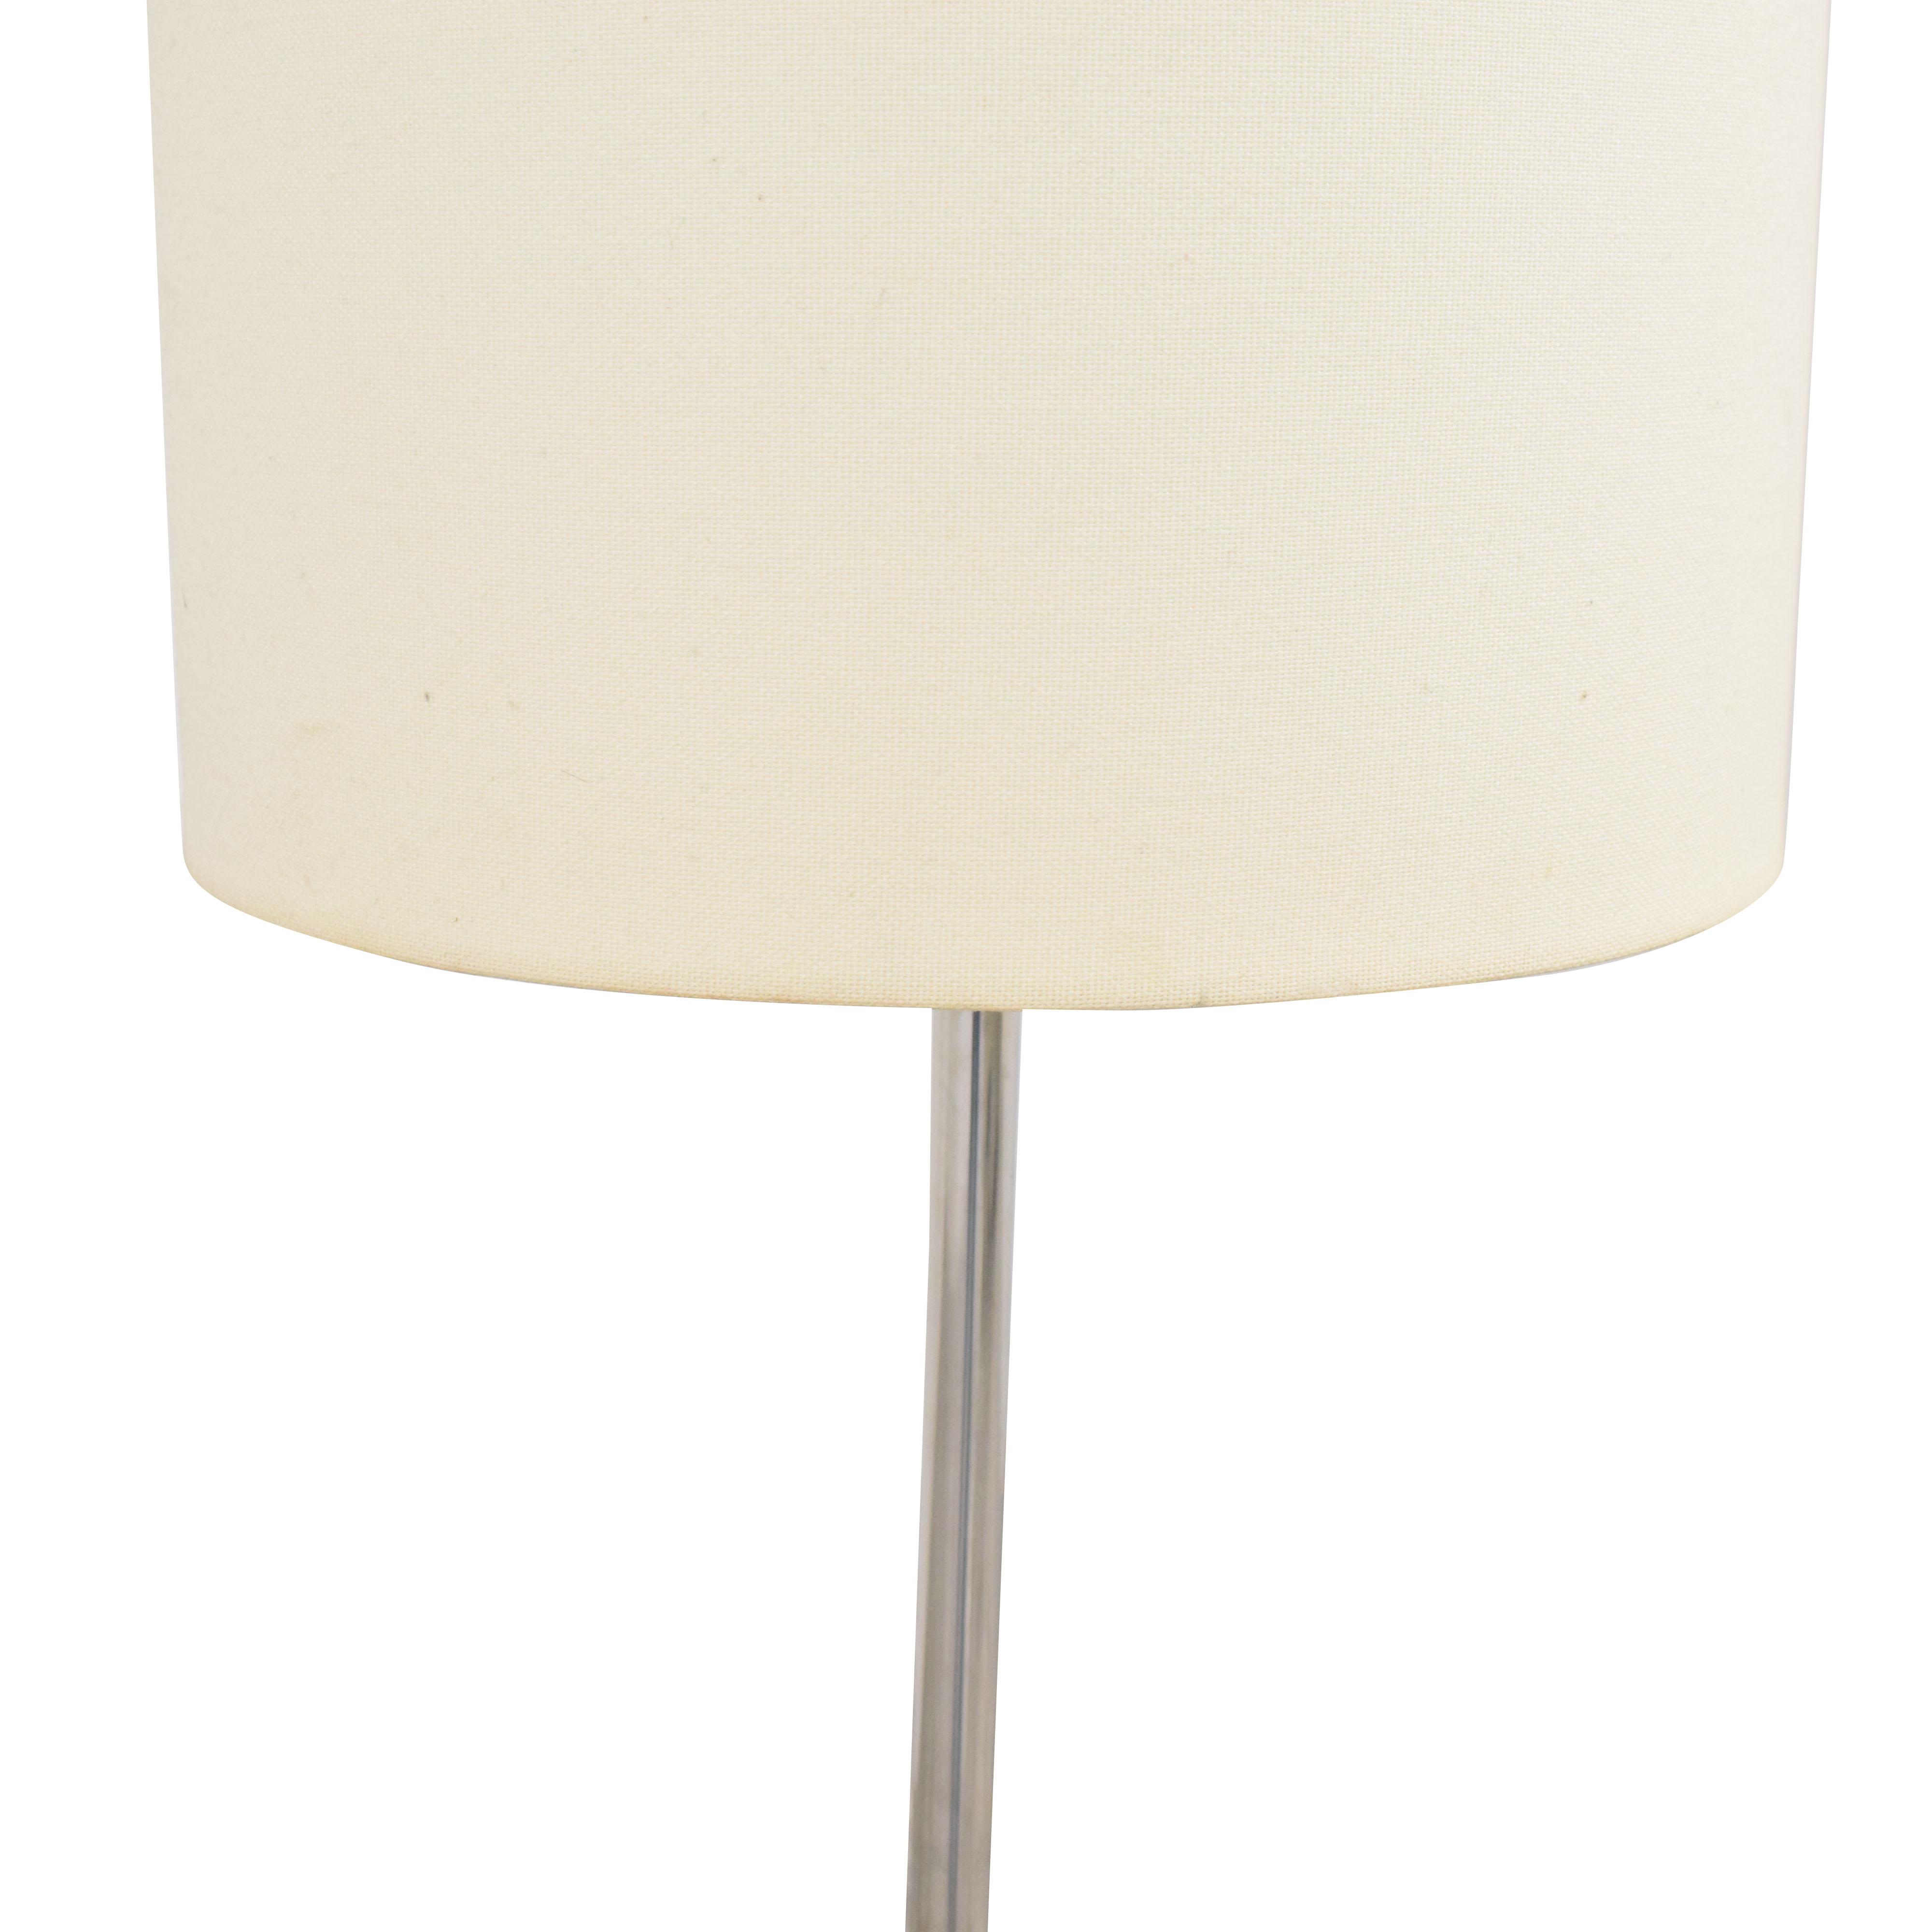 shop Crate & Barrel Tribeca Floor Lamp Crate & Barrel Decor